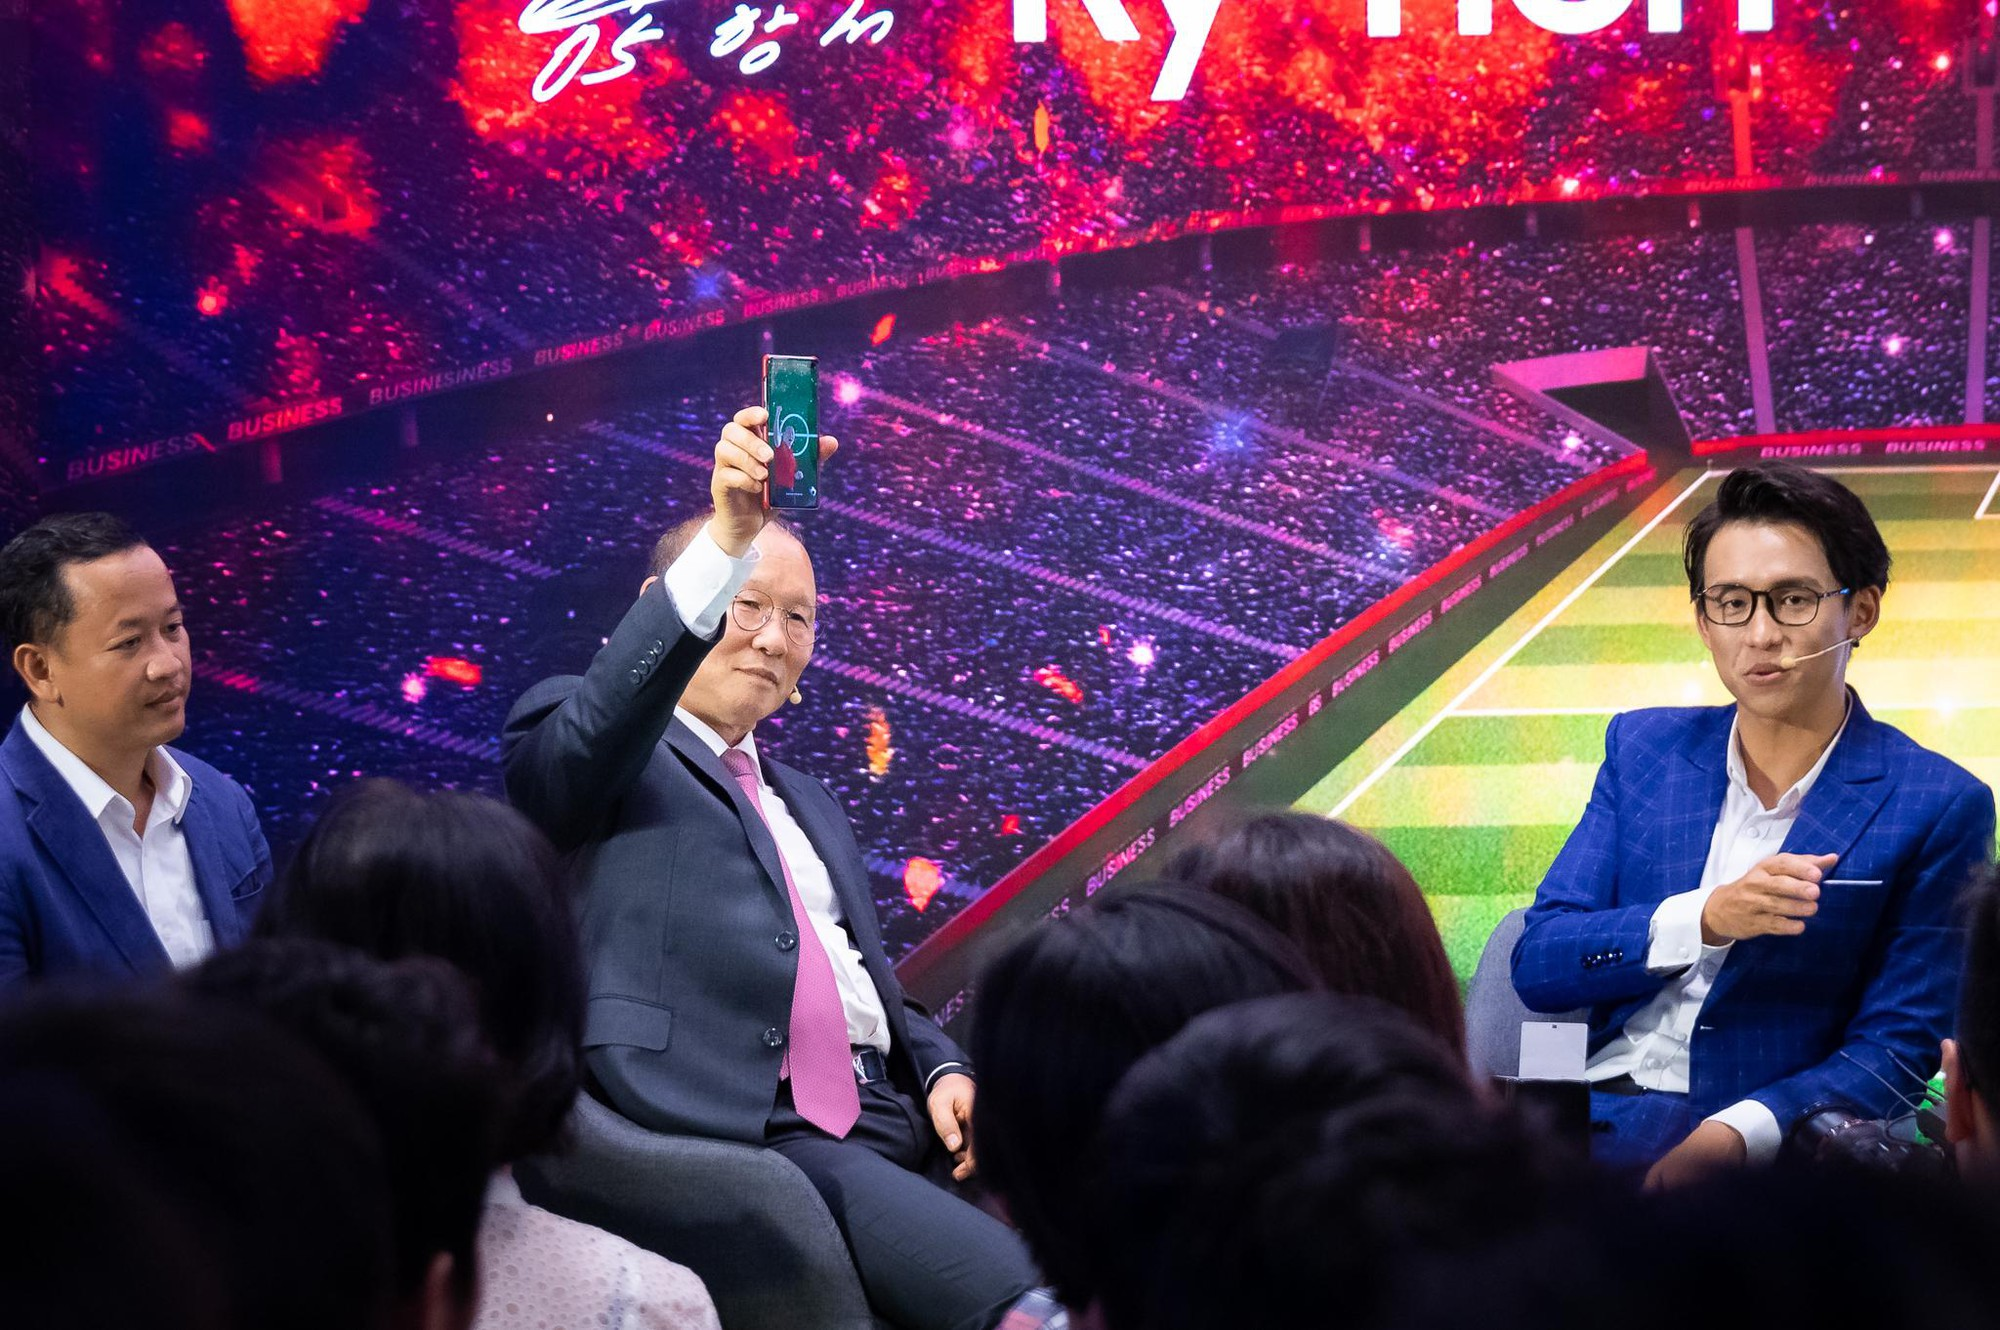 HLV Park Hang-Seo gây náo loạn Samsung Showcase trong fan-meeting riêng không thua idol nào - Ảnh 4.